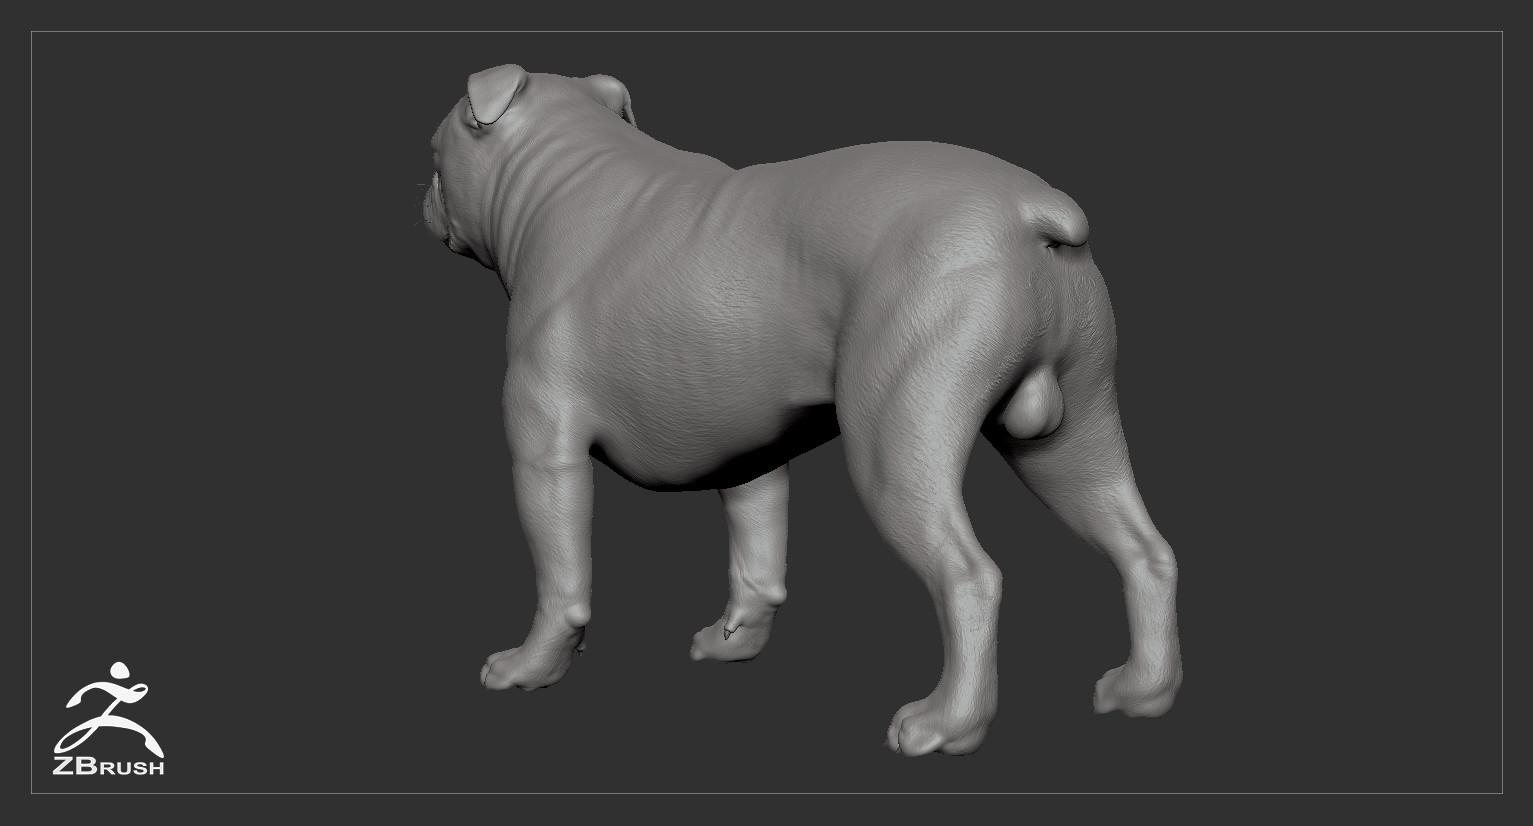 Englishbulldog by alexlashko zbrush 05